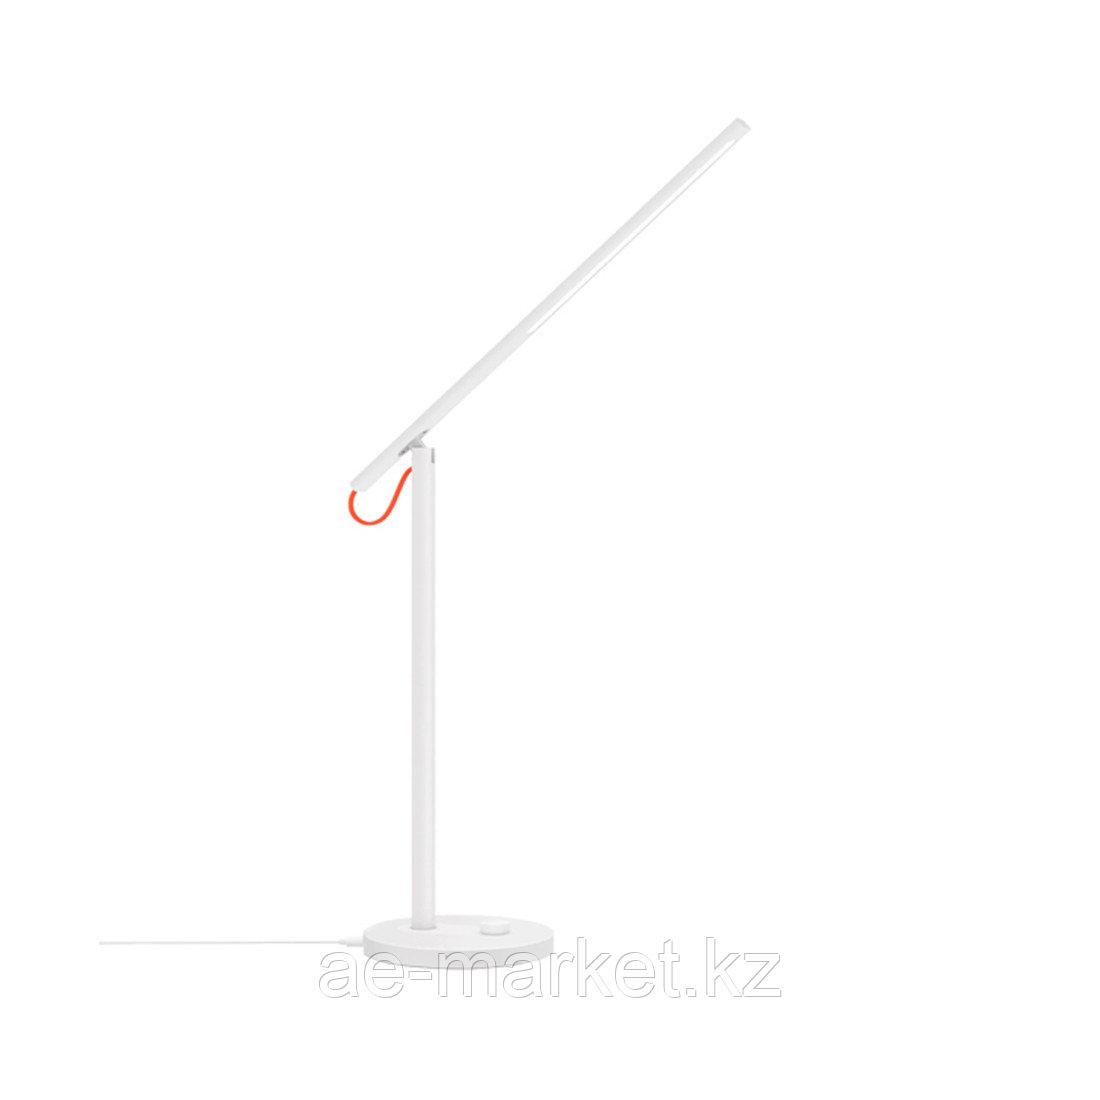 Настольная светодиодная лампа Xiaomi Mi LED Desk Lamp 1S